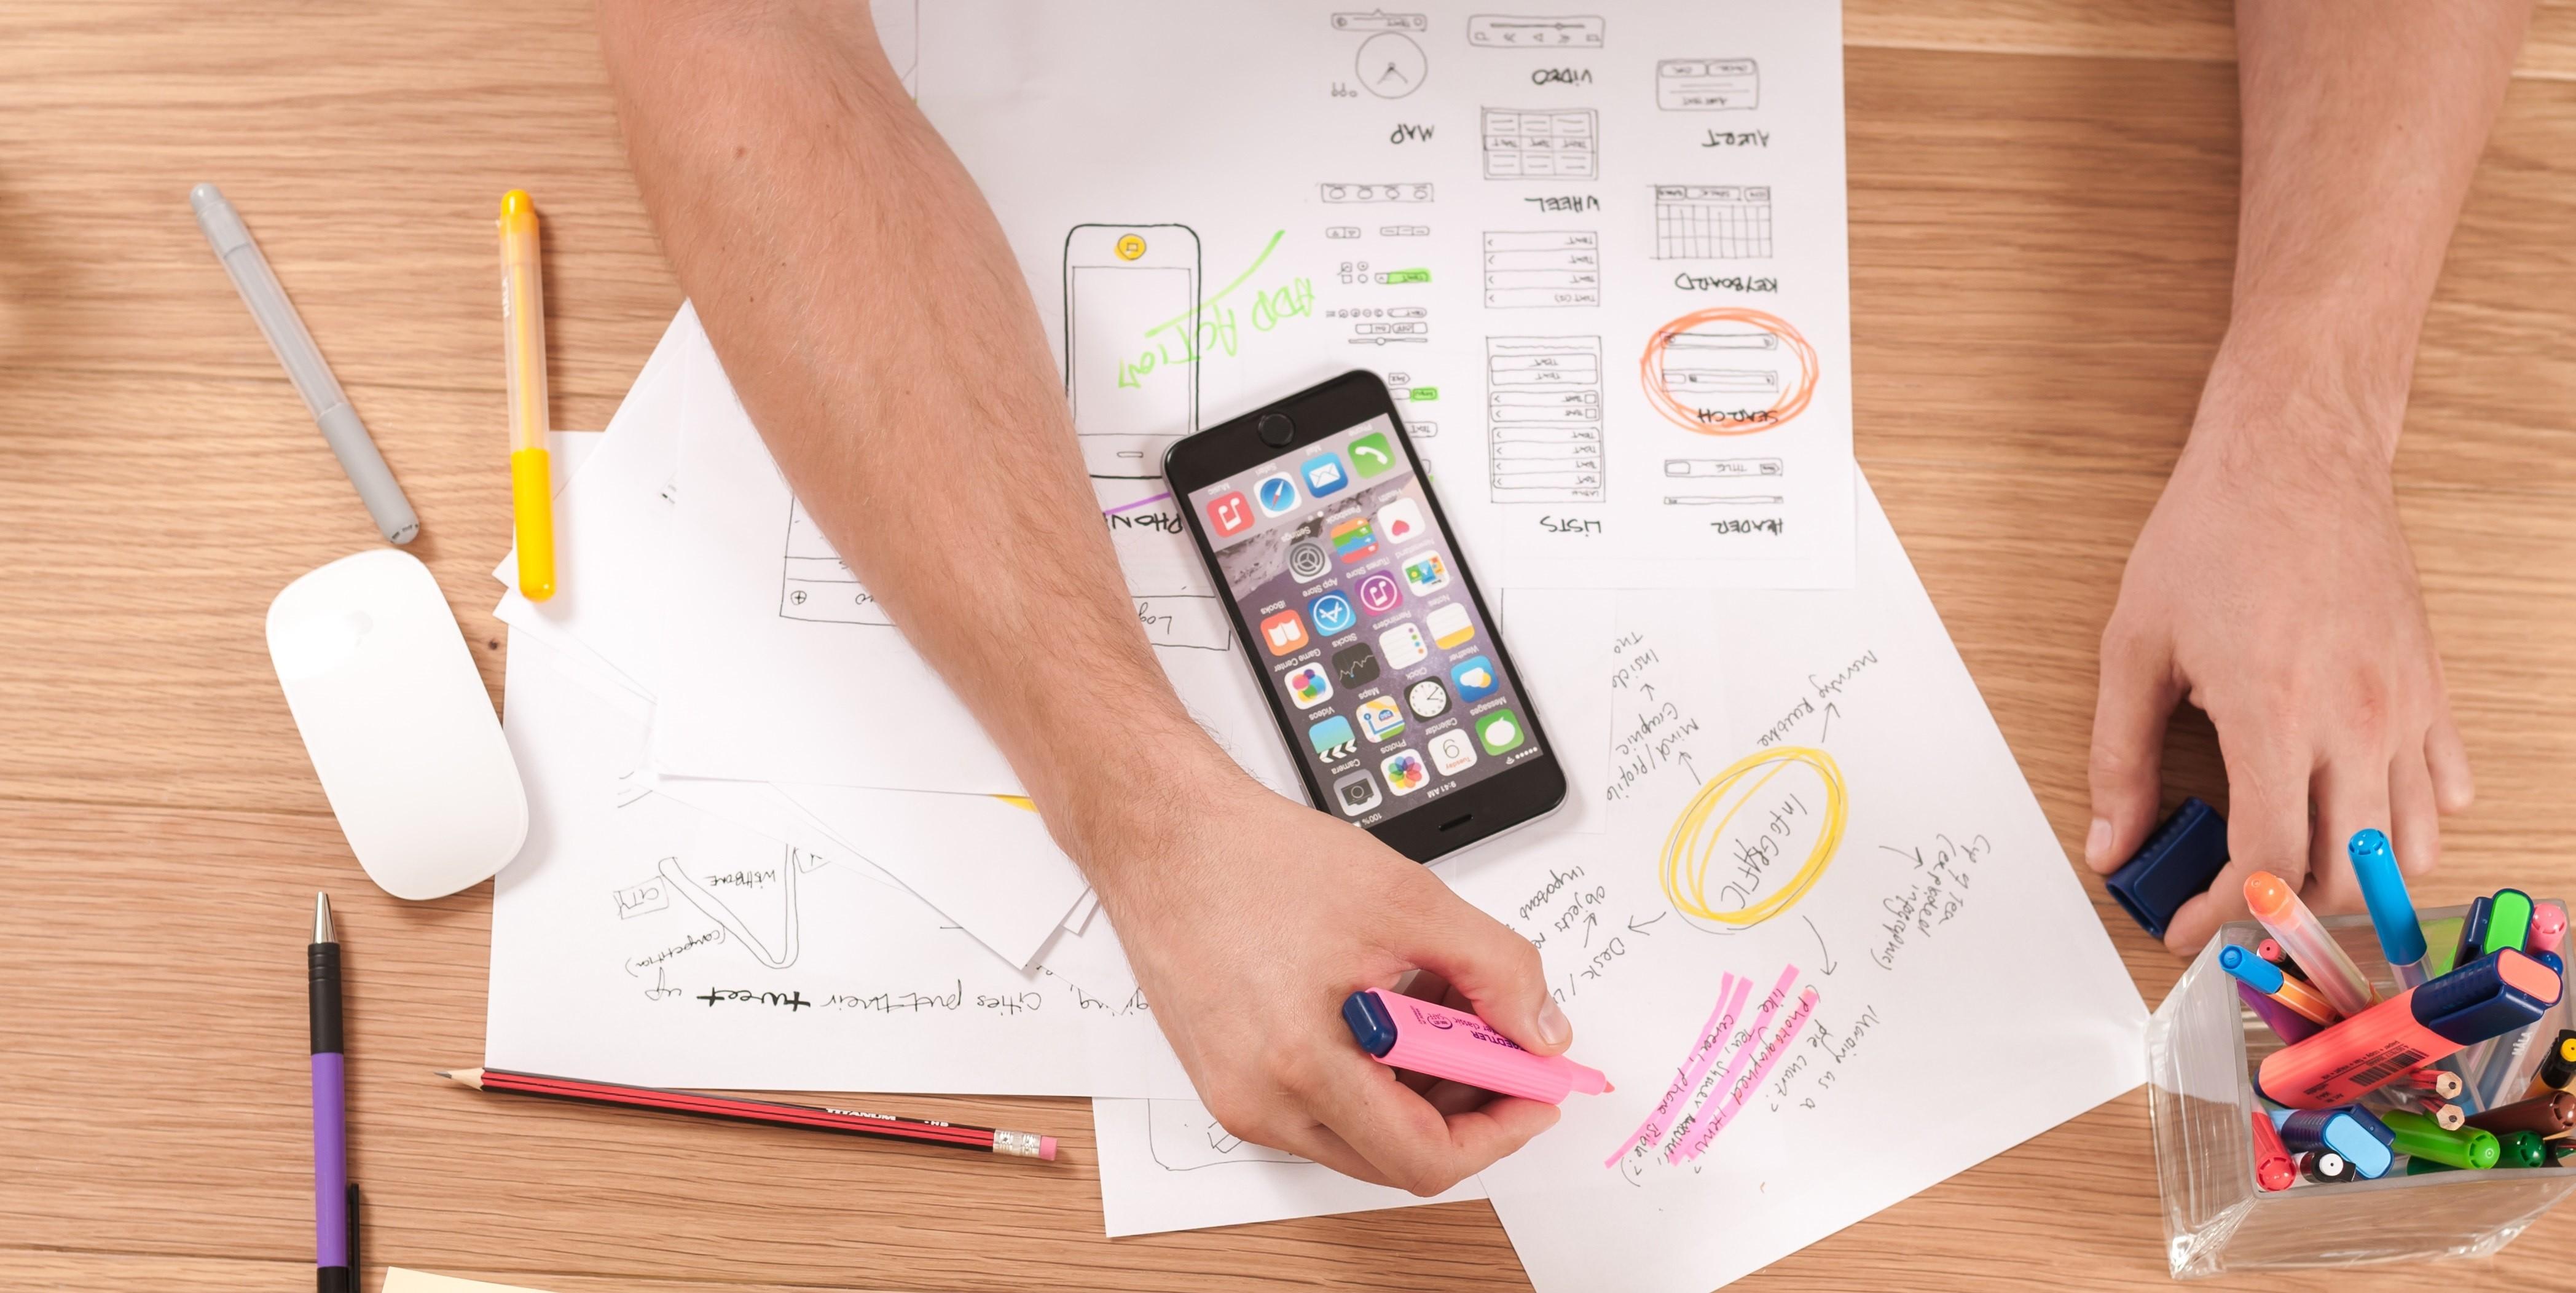 Aplicativos móveis – Dúvidas frequentes